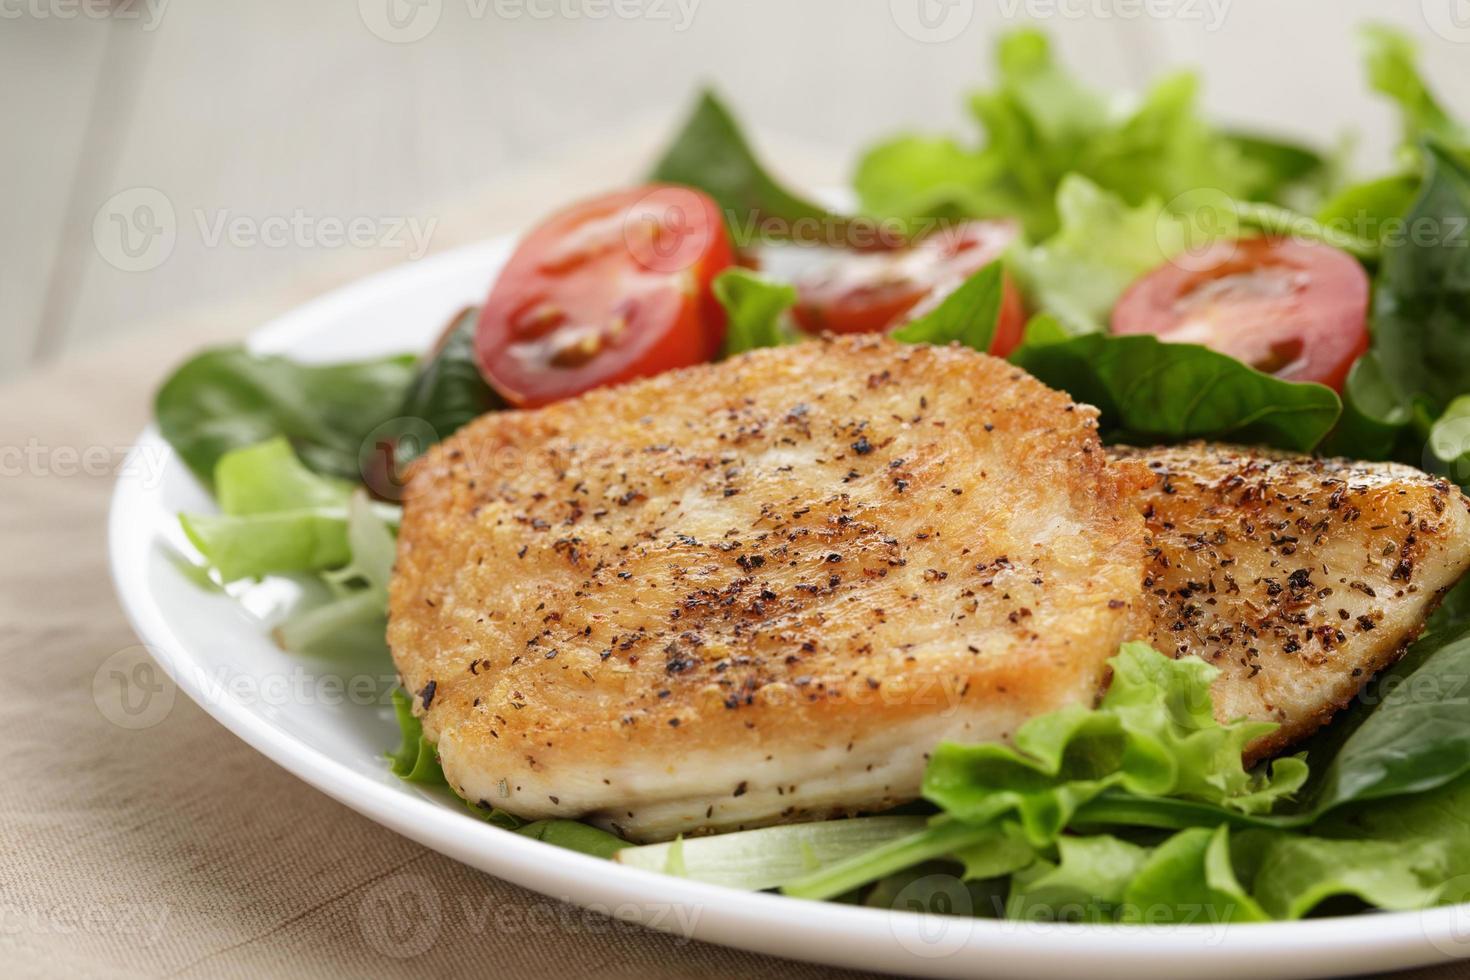 gebraden kip met gemengde salade foto